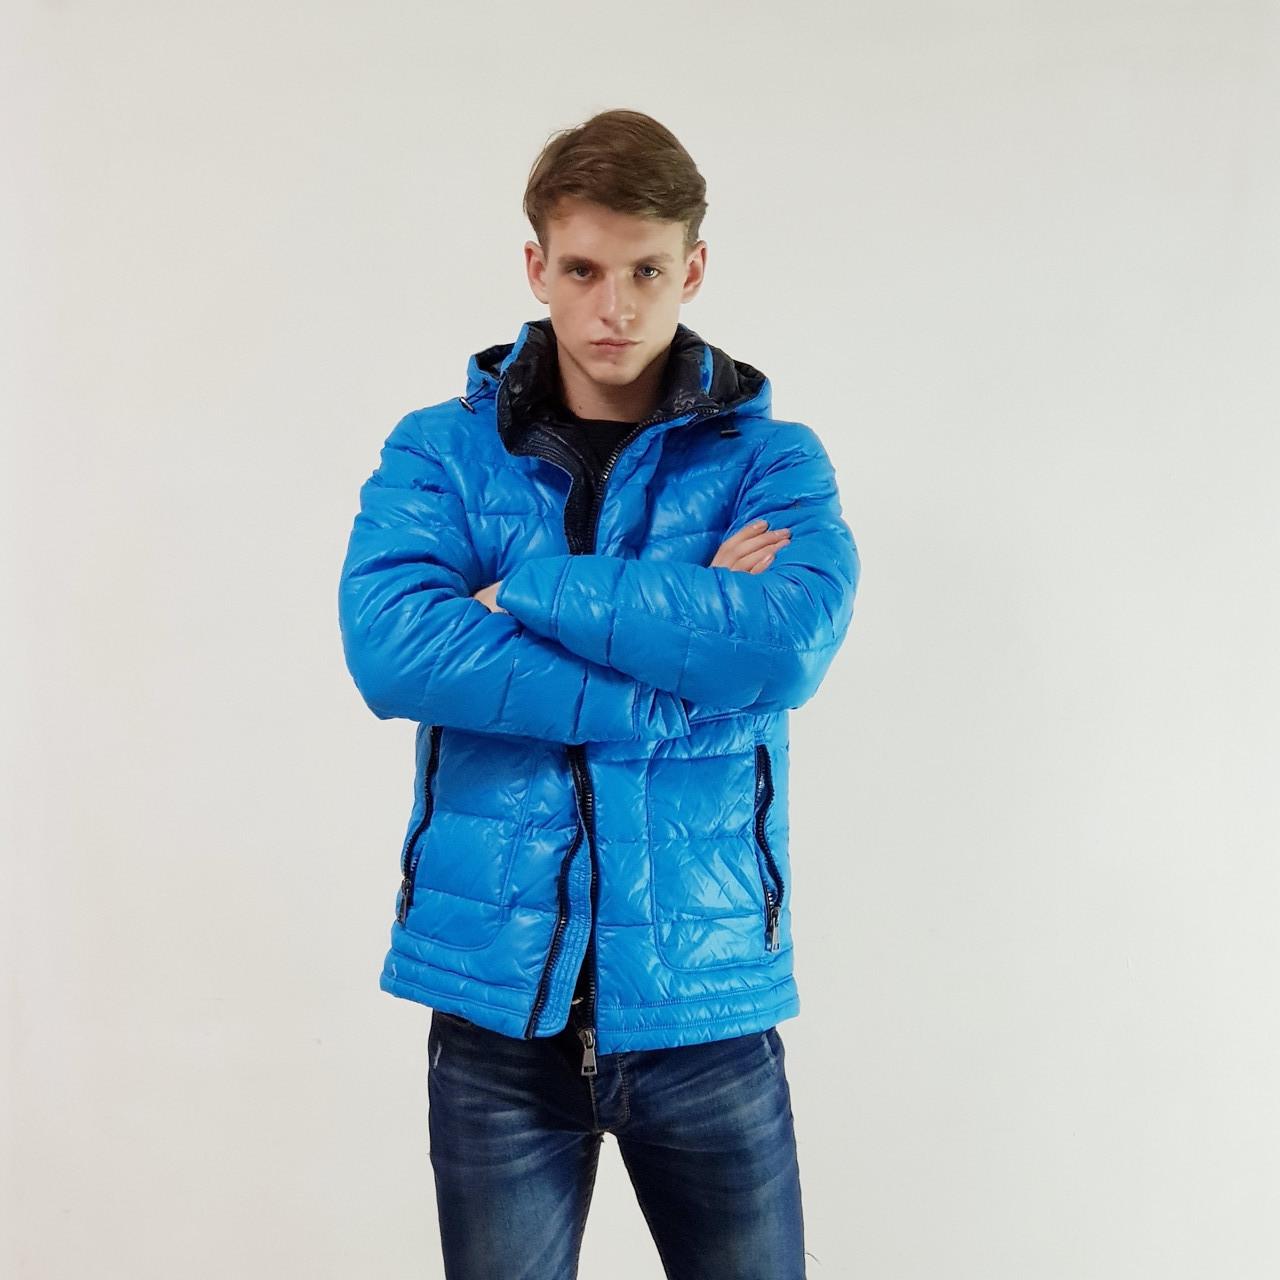 Куртка мужская зимняя Snowimage с капюшоном 54 голубой 105A-3341